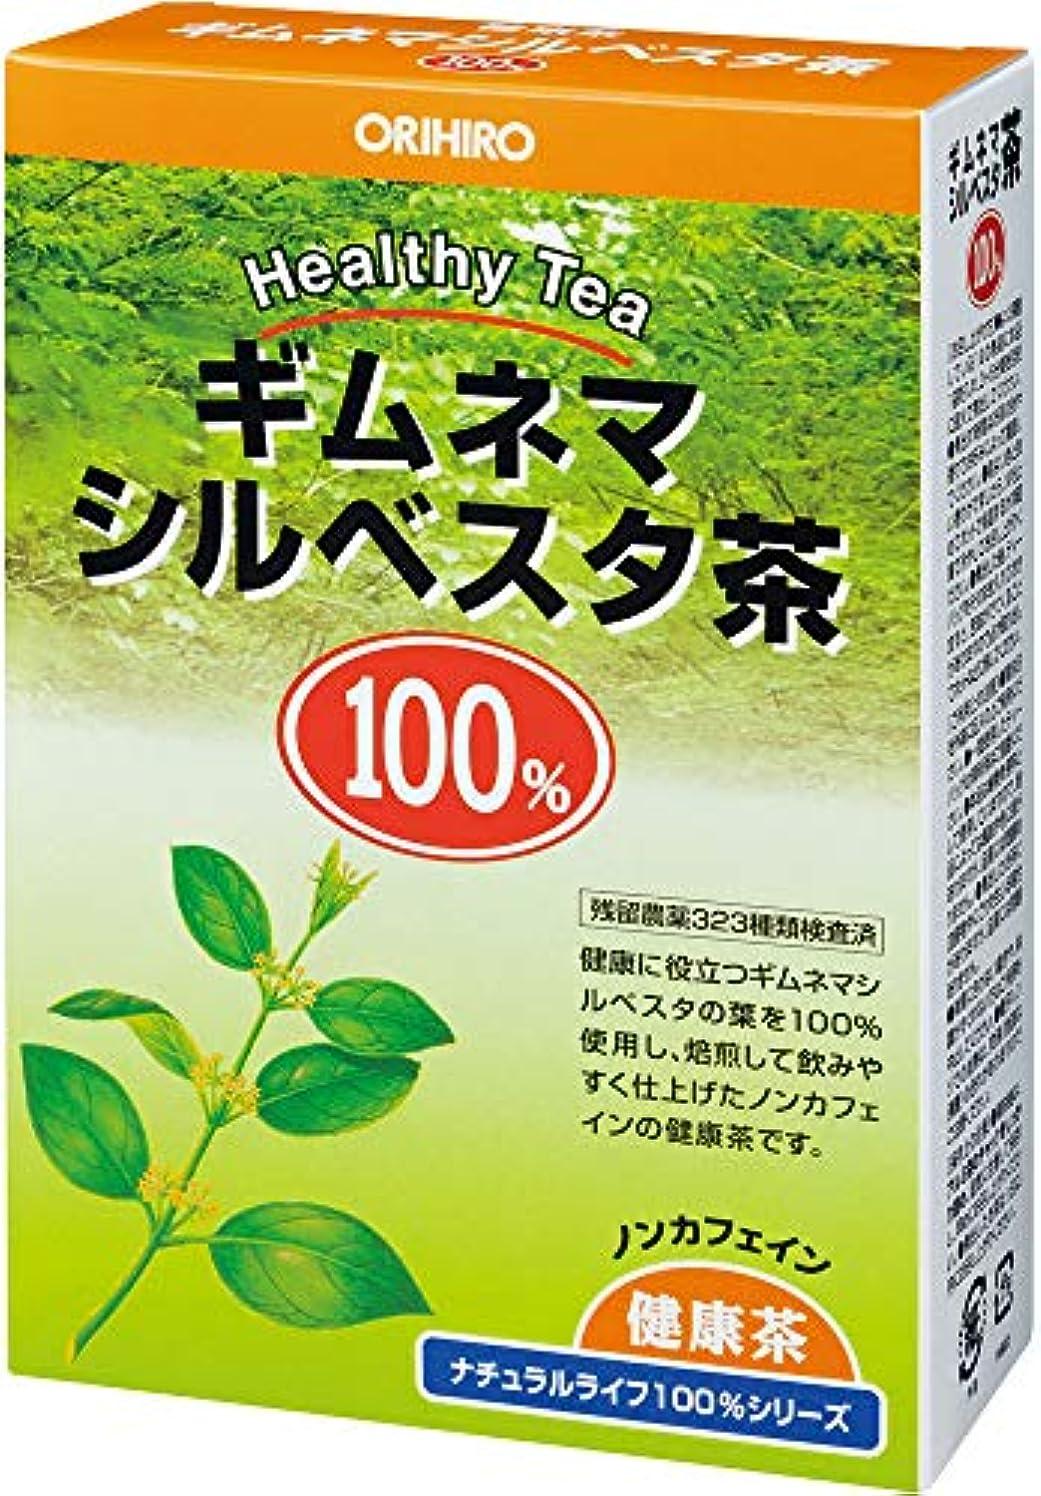 チチカカ湖すぐにアルバニーオリヒロ NLティー 100% ギムネマシルベスタ茶 2.5g×26包